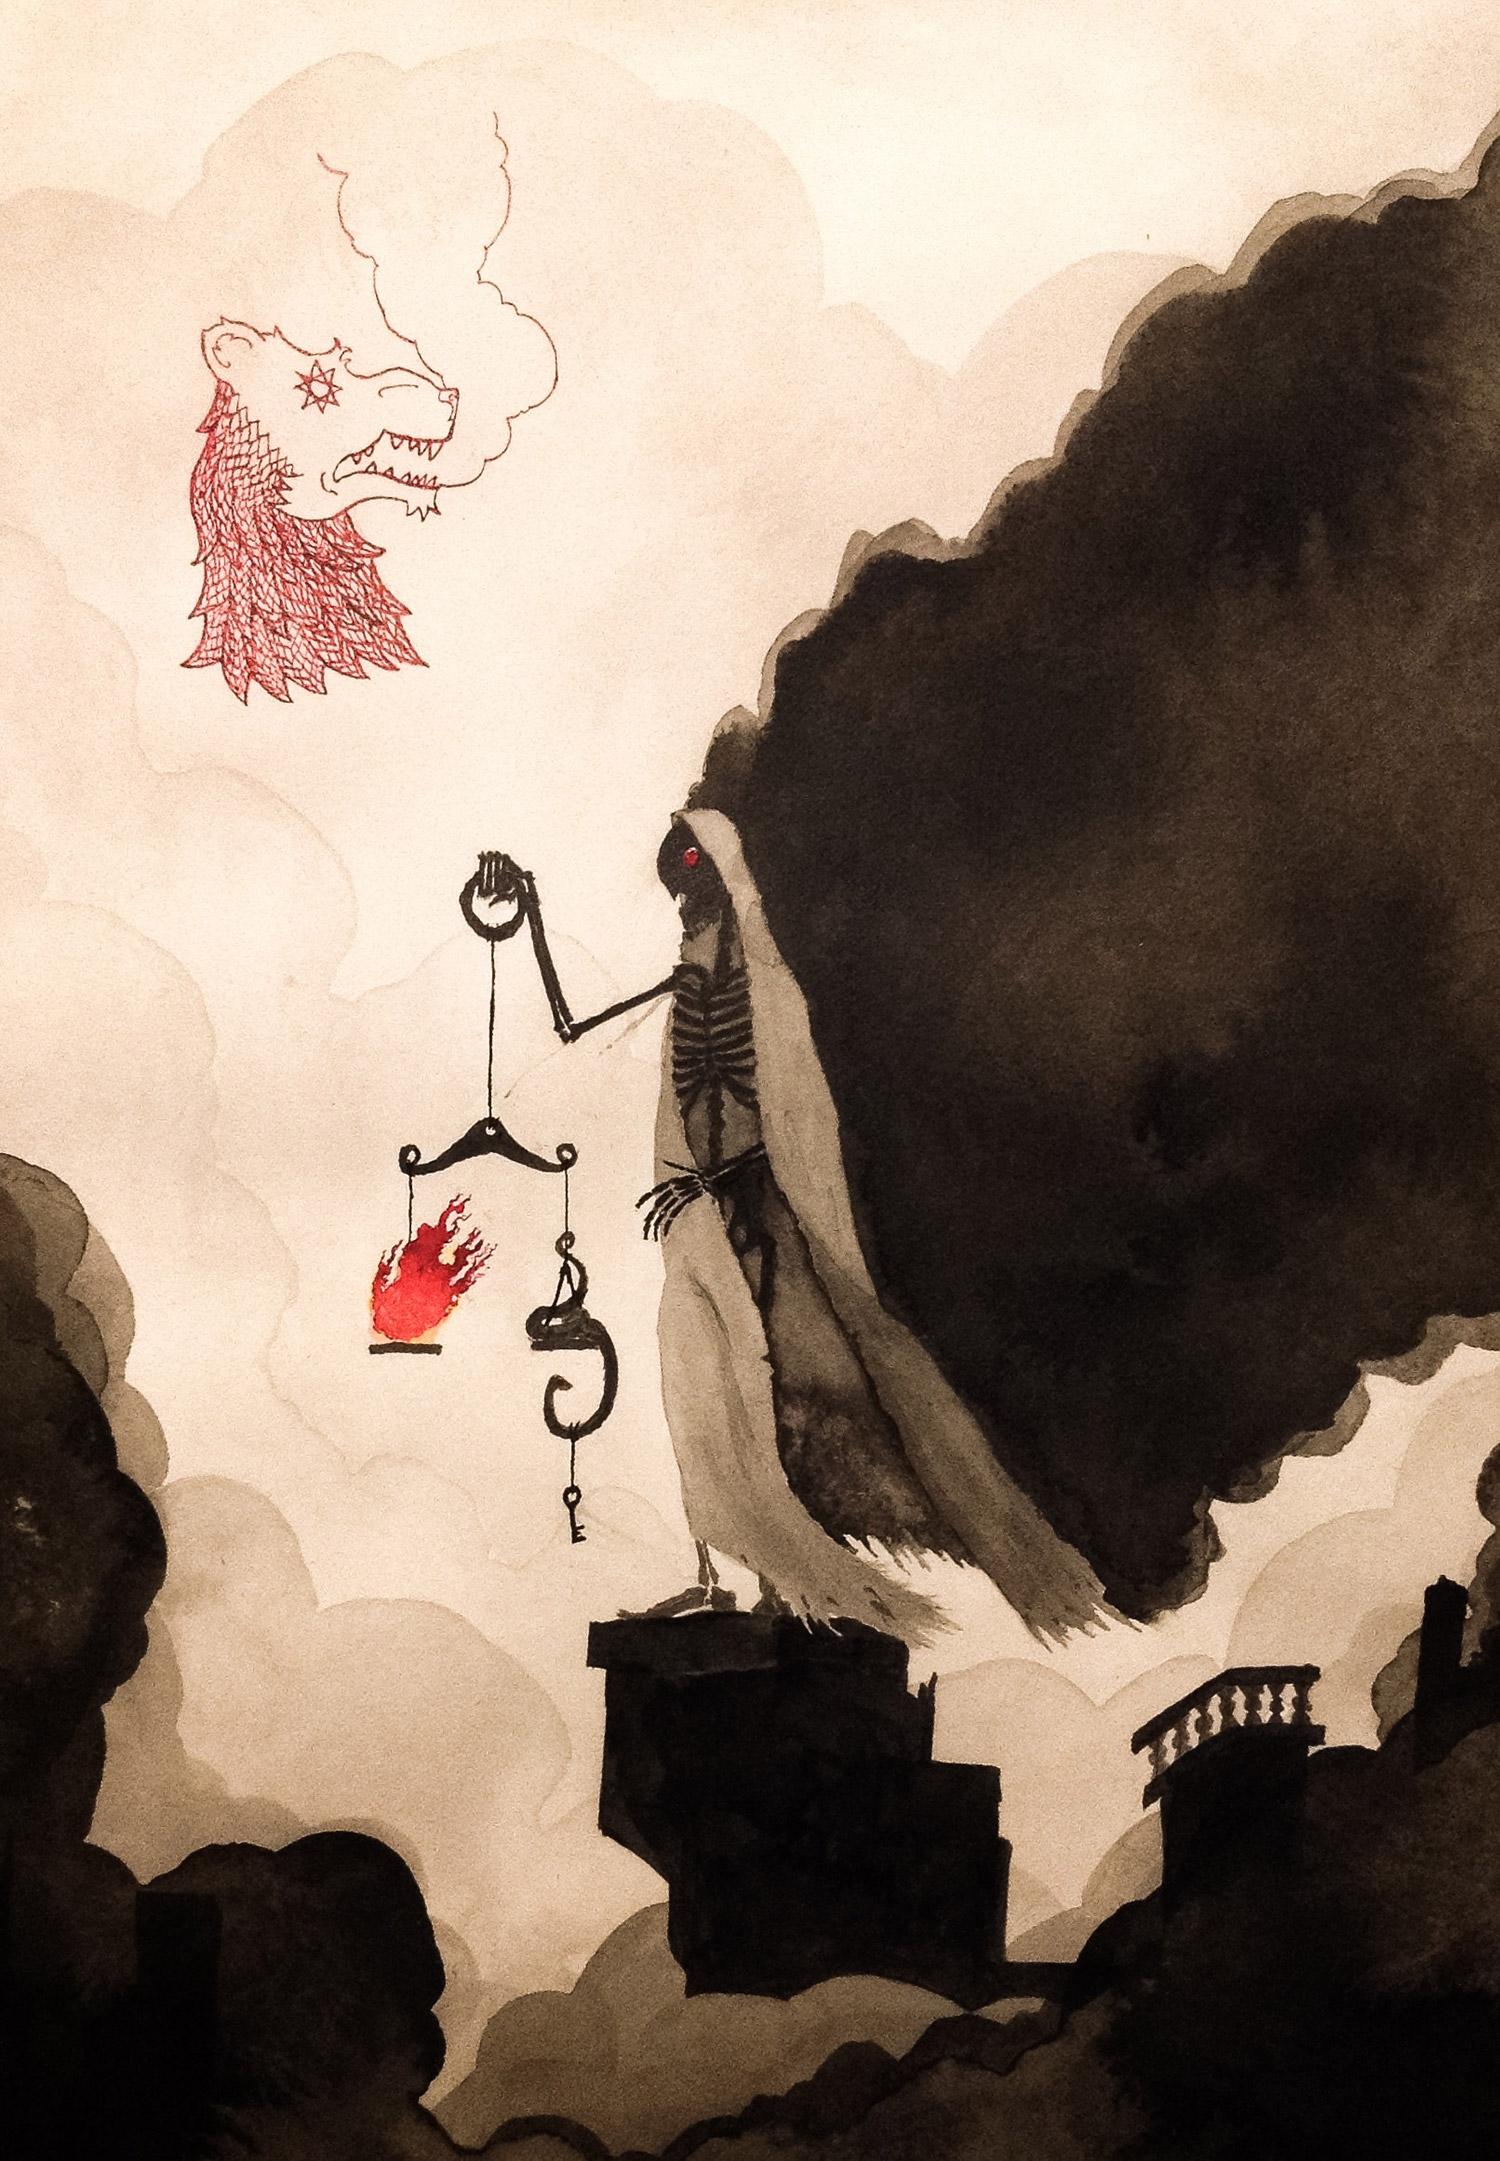 Valin Mattheis - Ye Clothed in Smoke